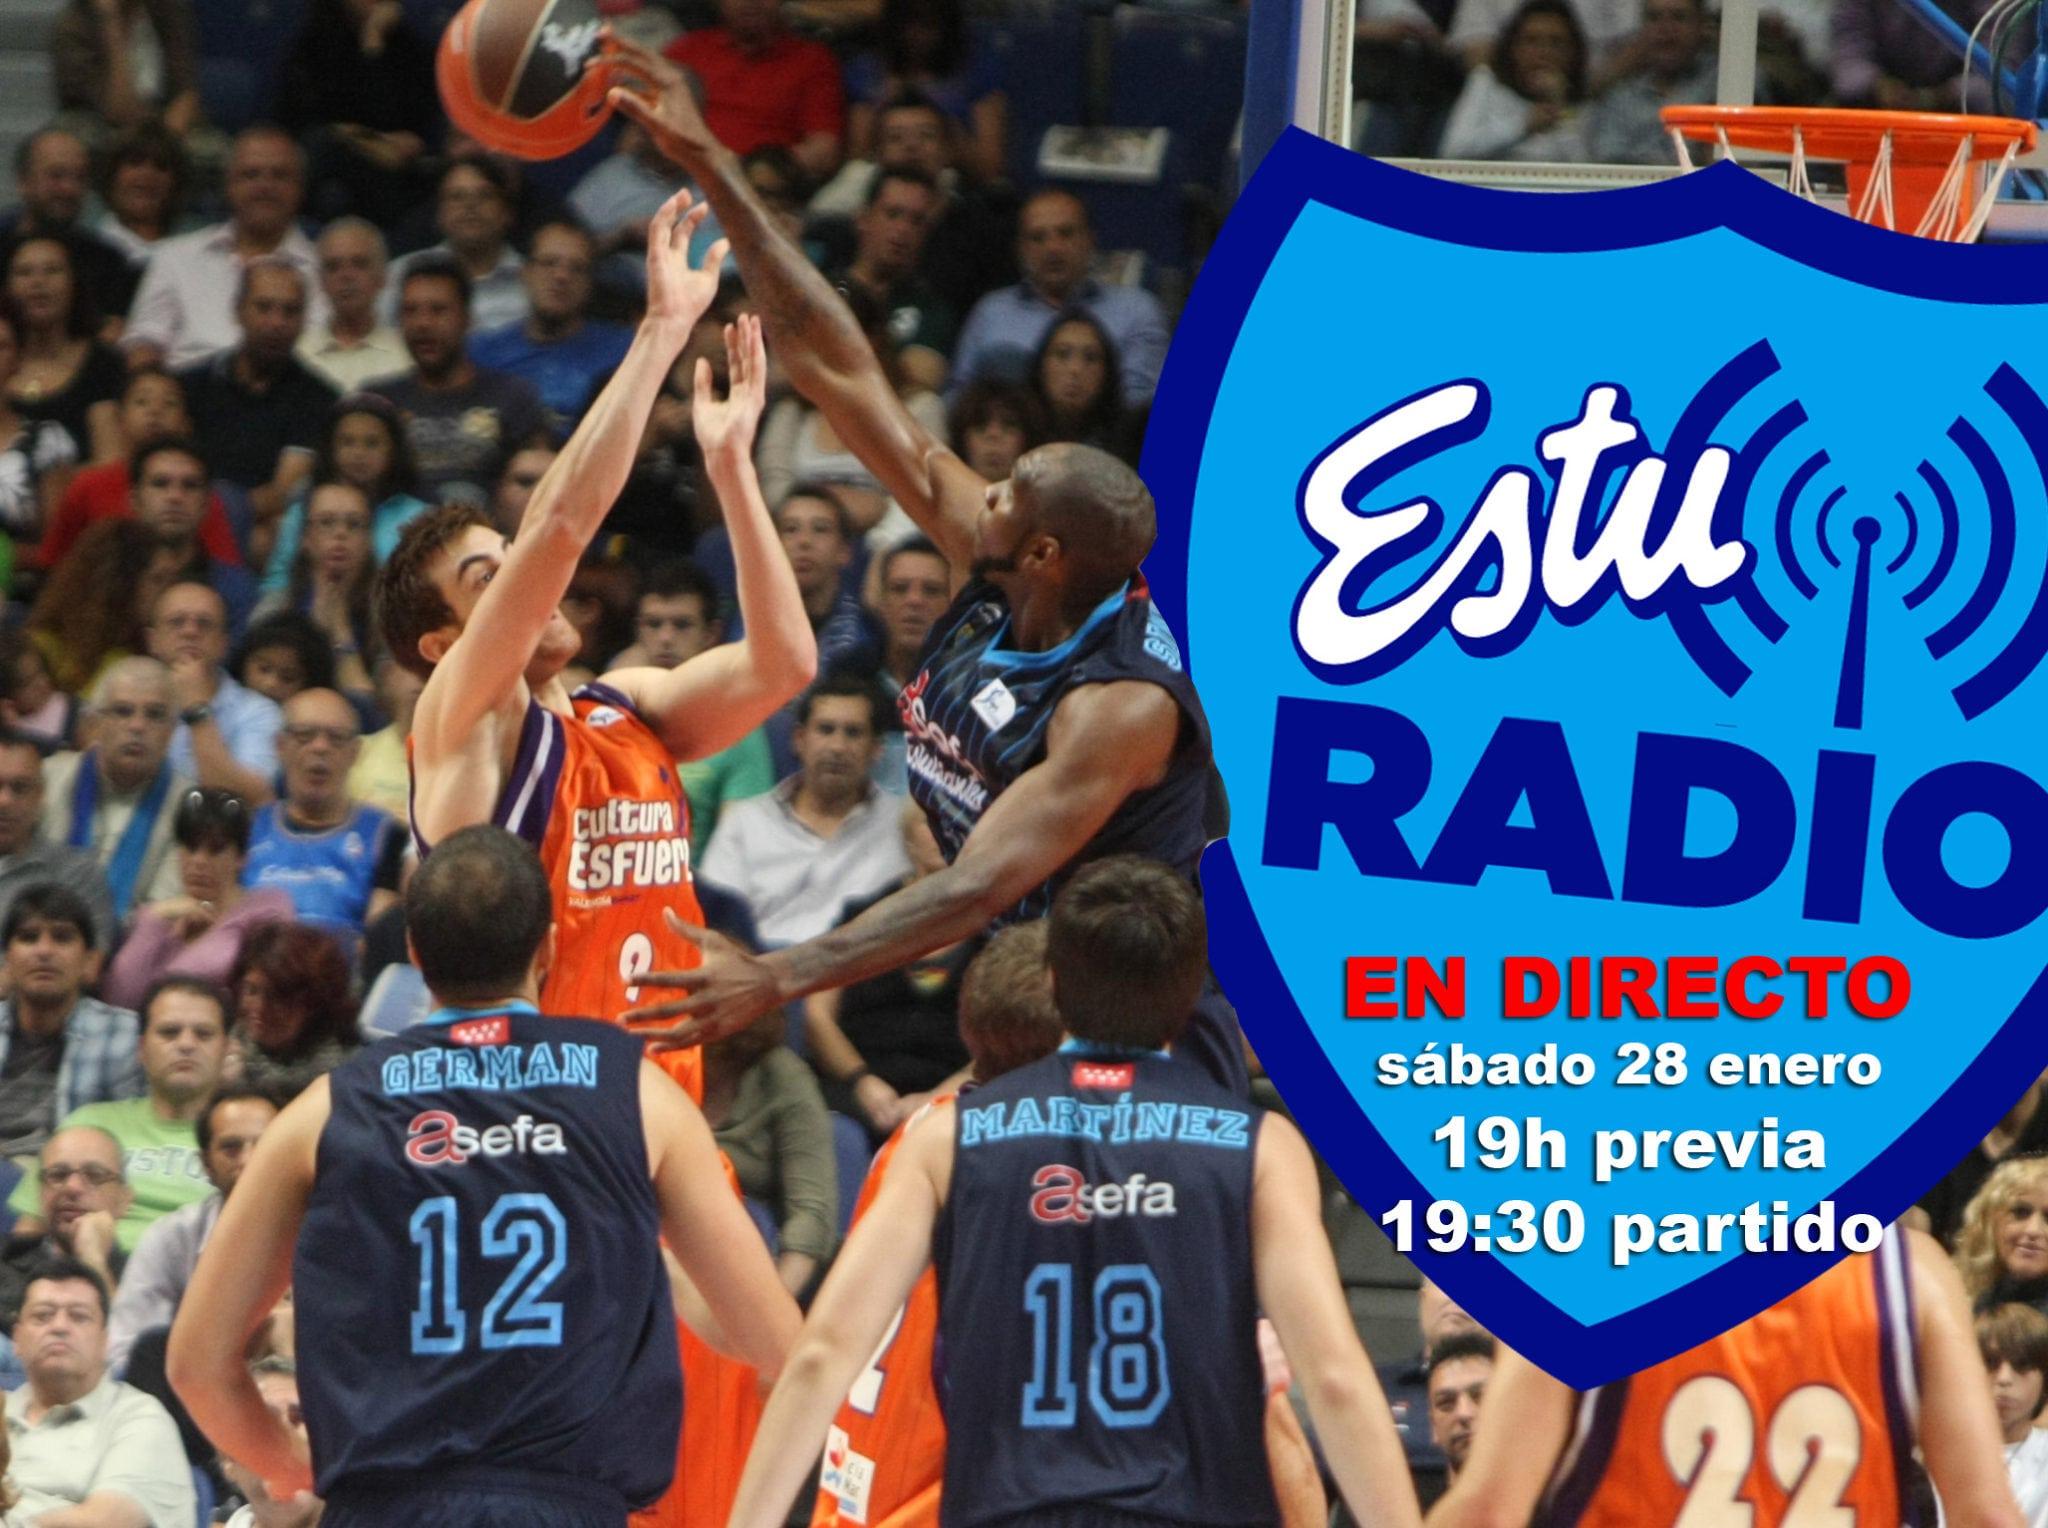 En EstuRadio, el partido de Valencia y la previa